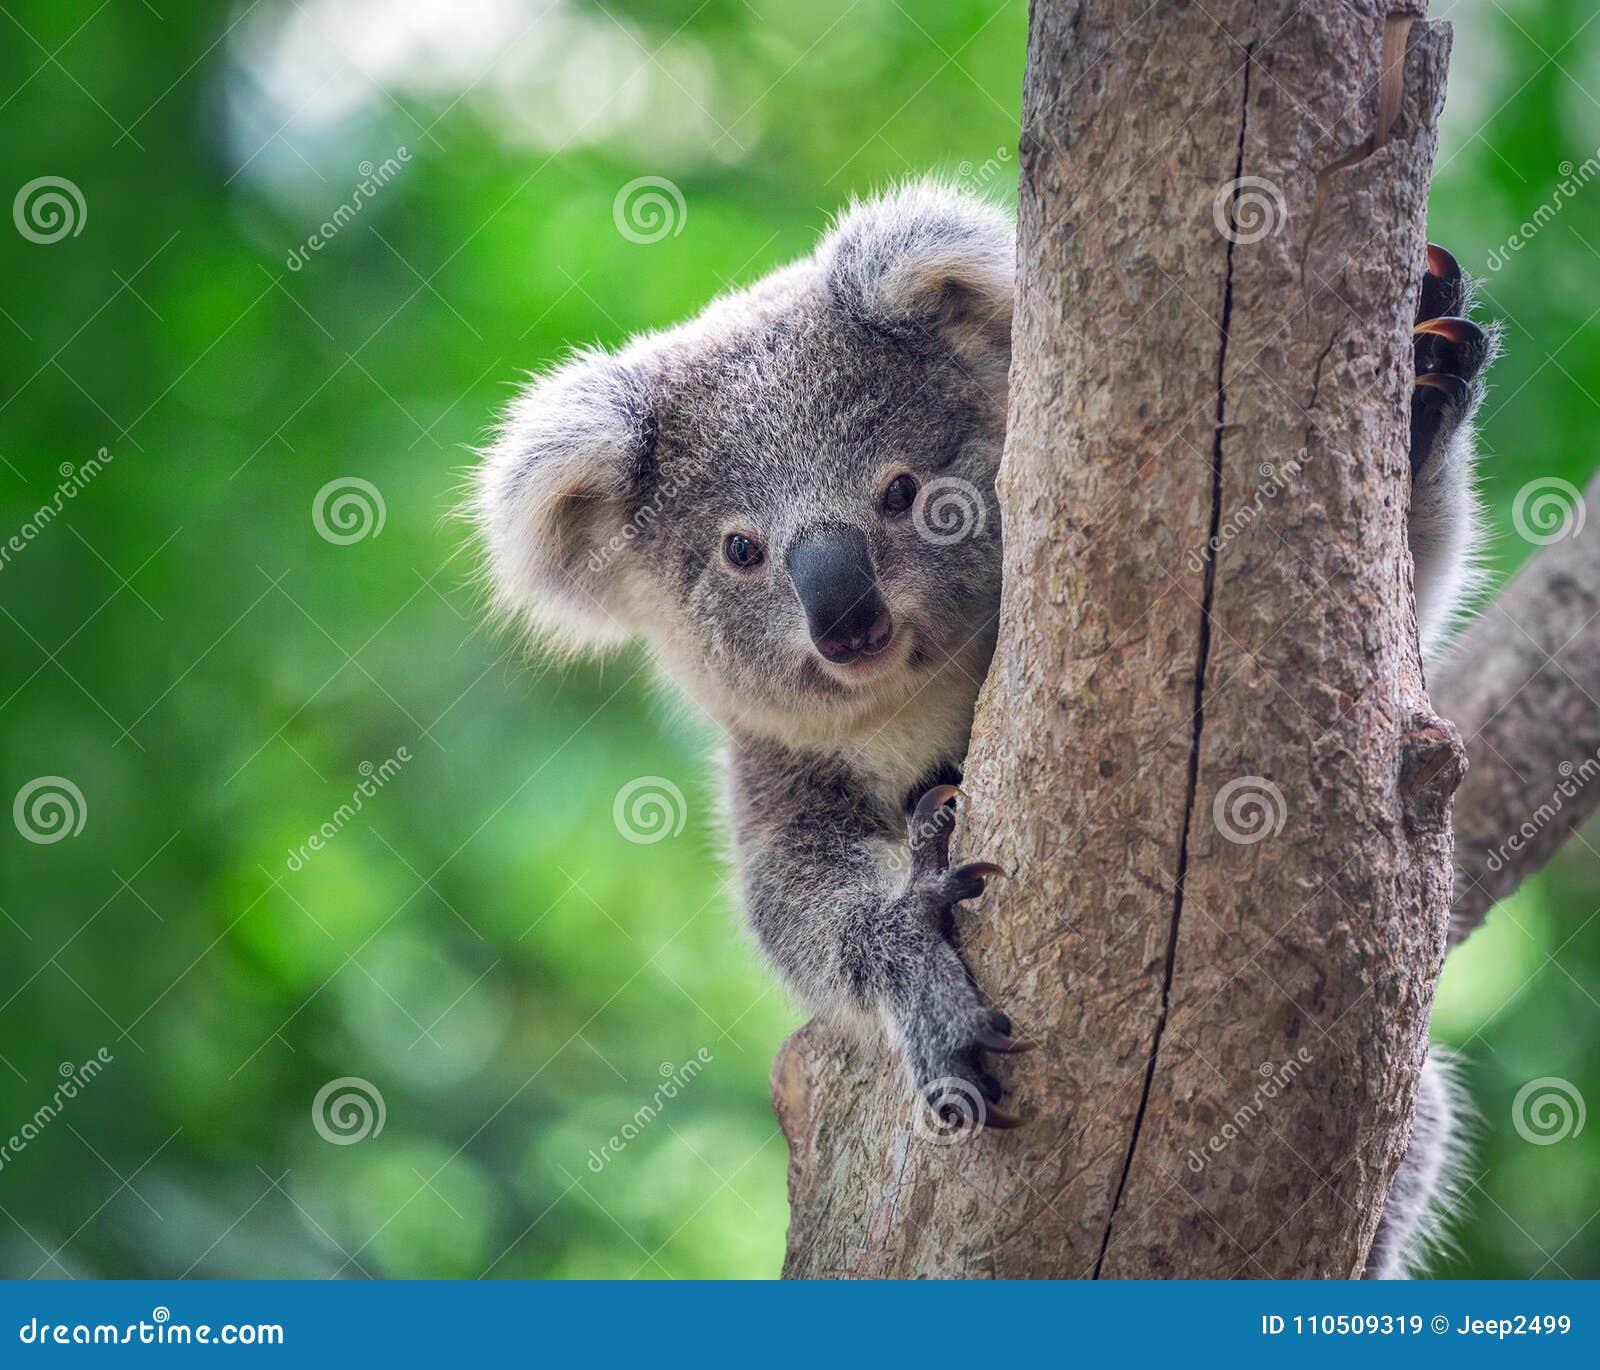 Koala bear in forest zoo.